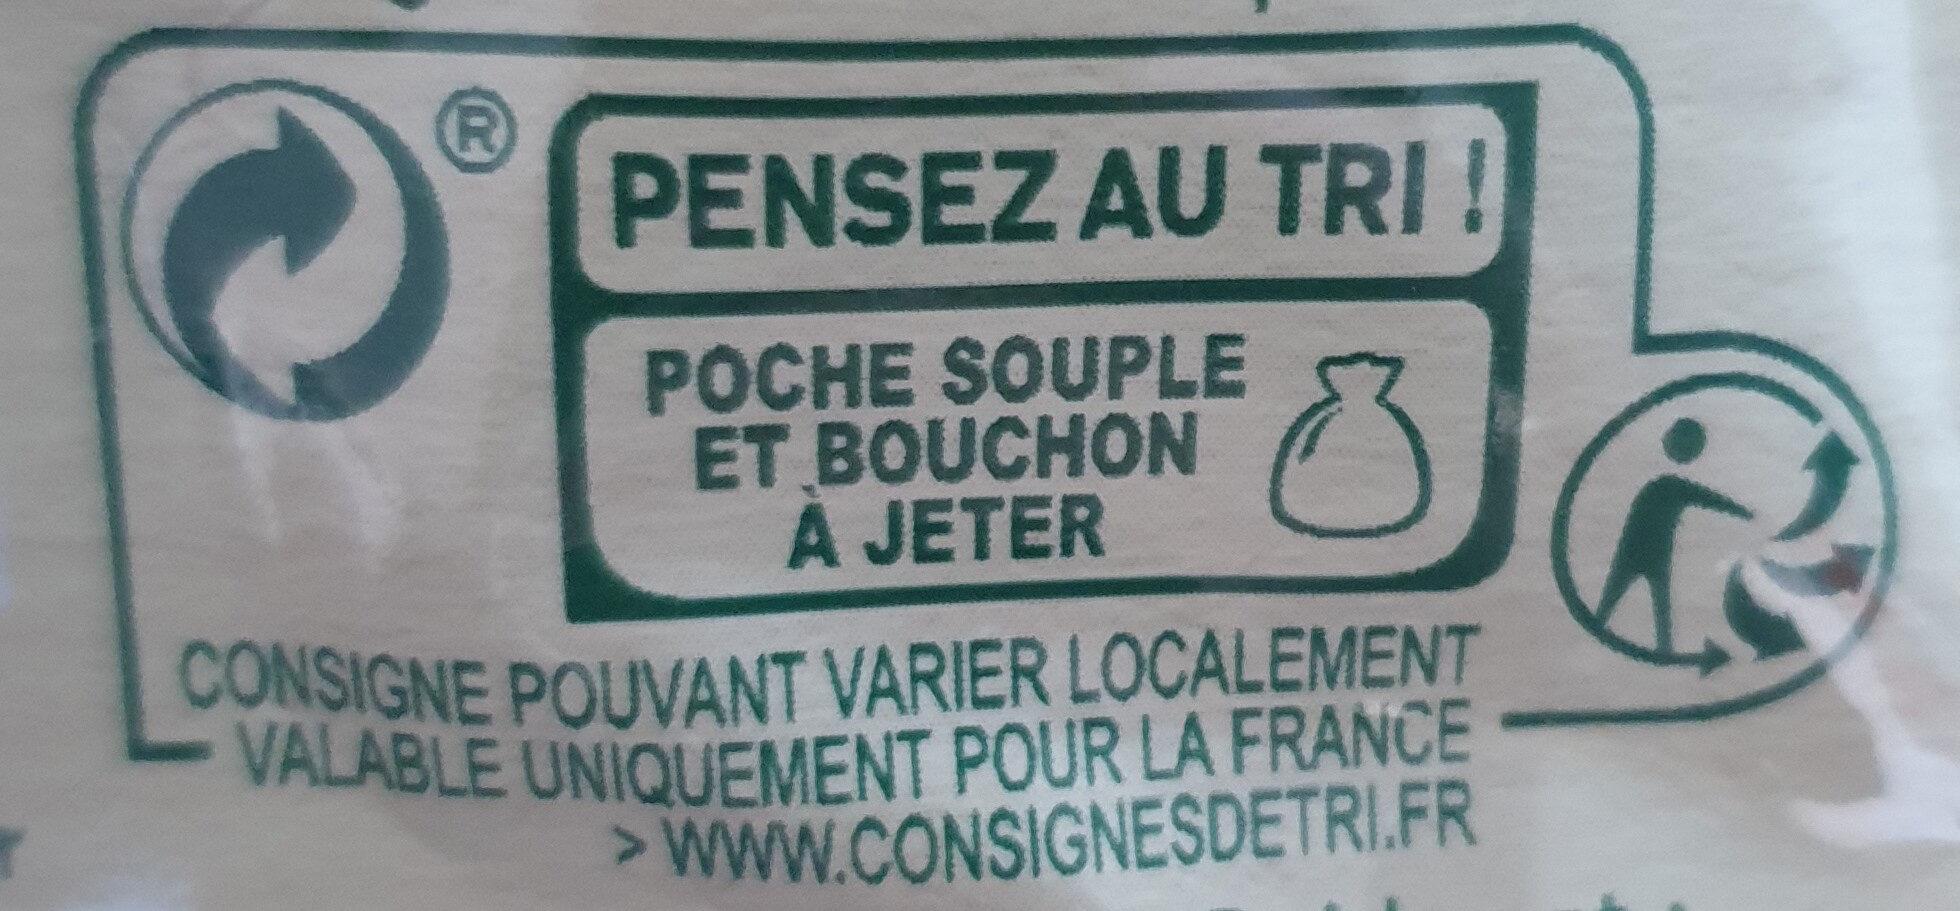 Pomme mangue goyave - Istruzioni per il riciclaggio e/o informazioni sull'imballaggio - fr